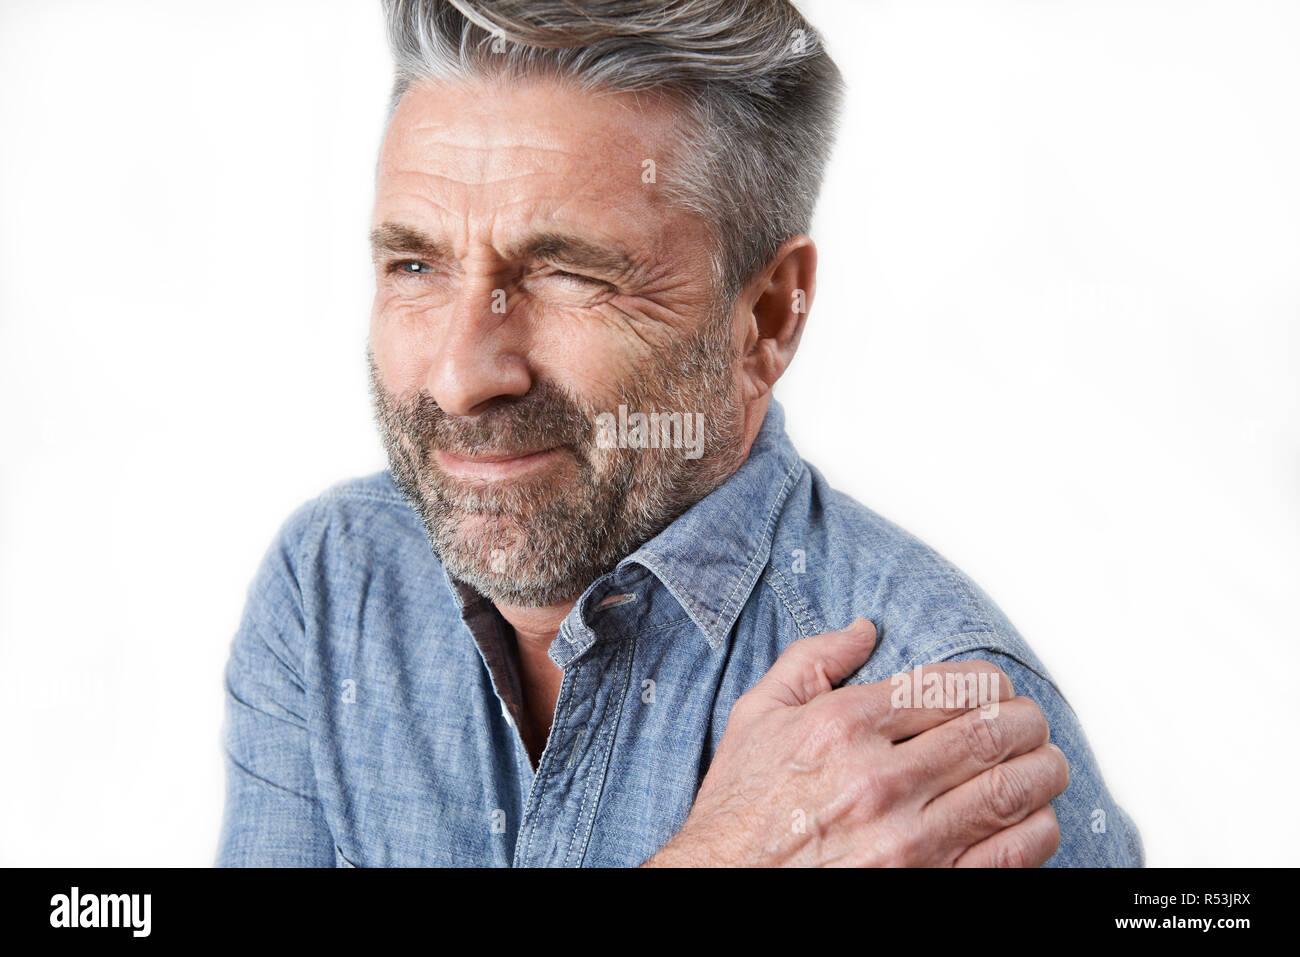 Studio Shot Of Man Suffering With Frozen Shoulder - Stock Image